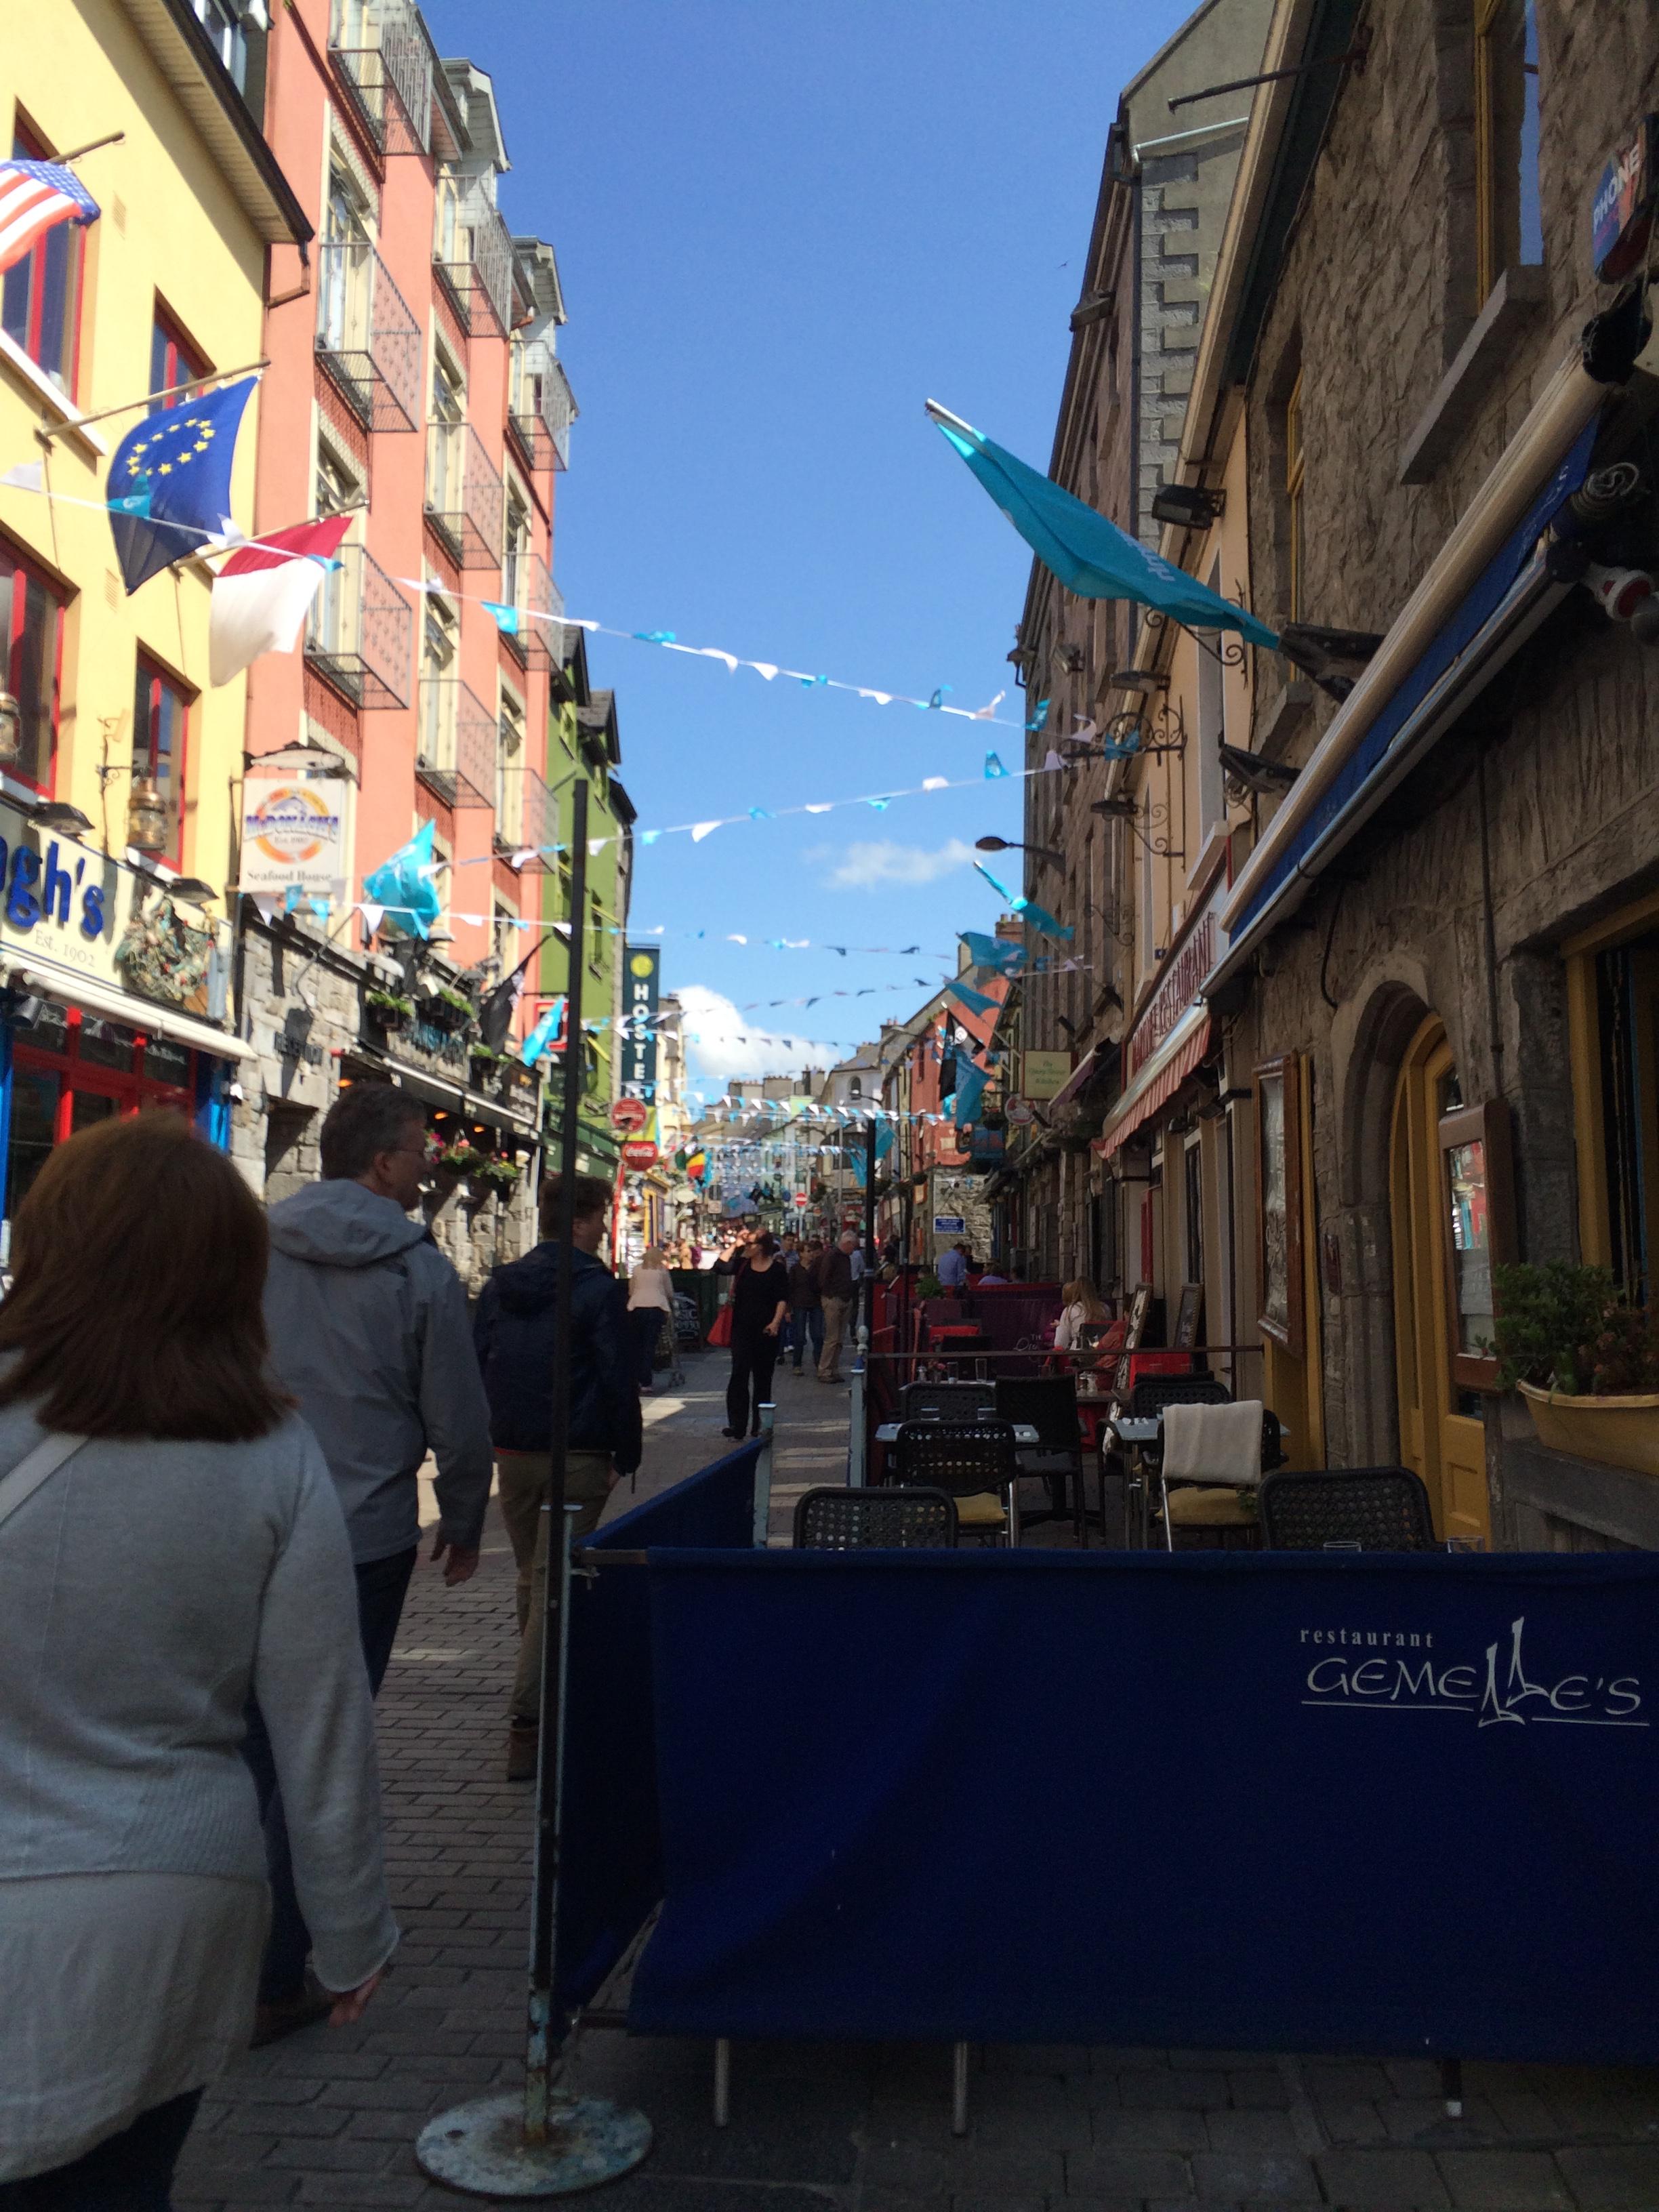 Busy street in Ireland